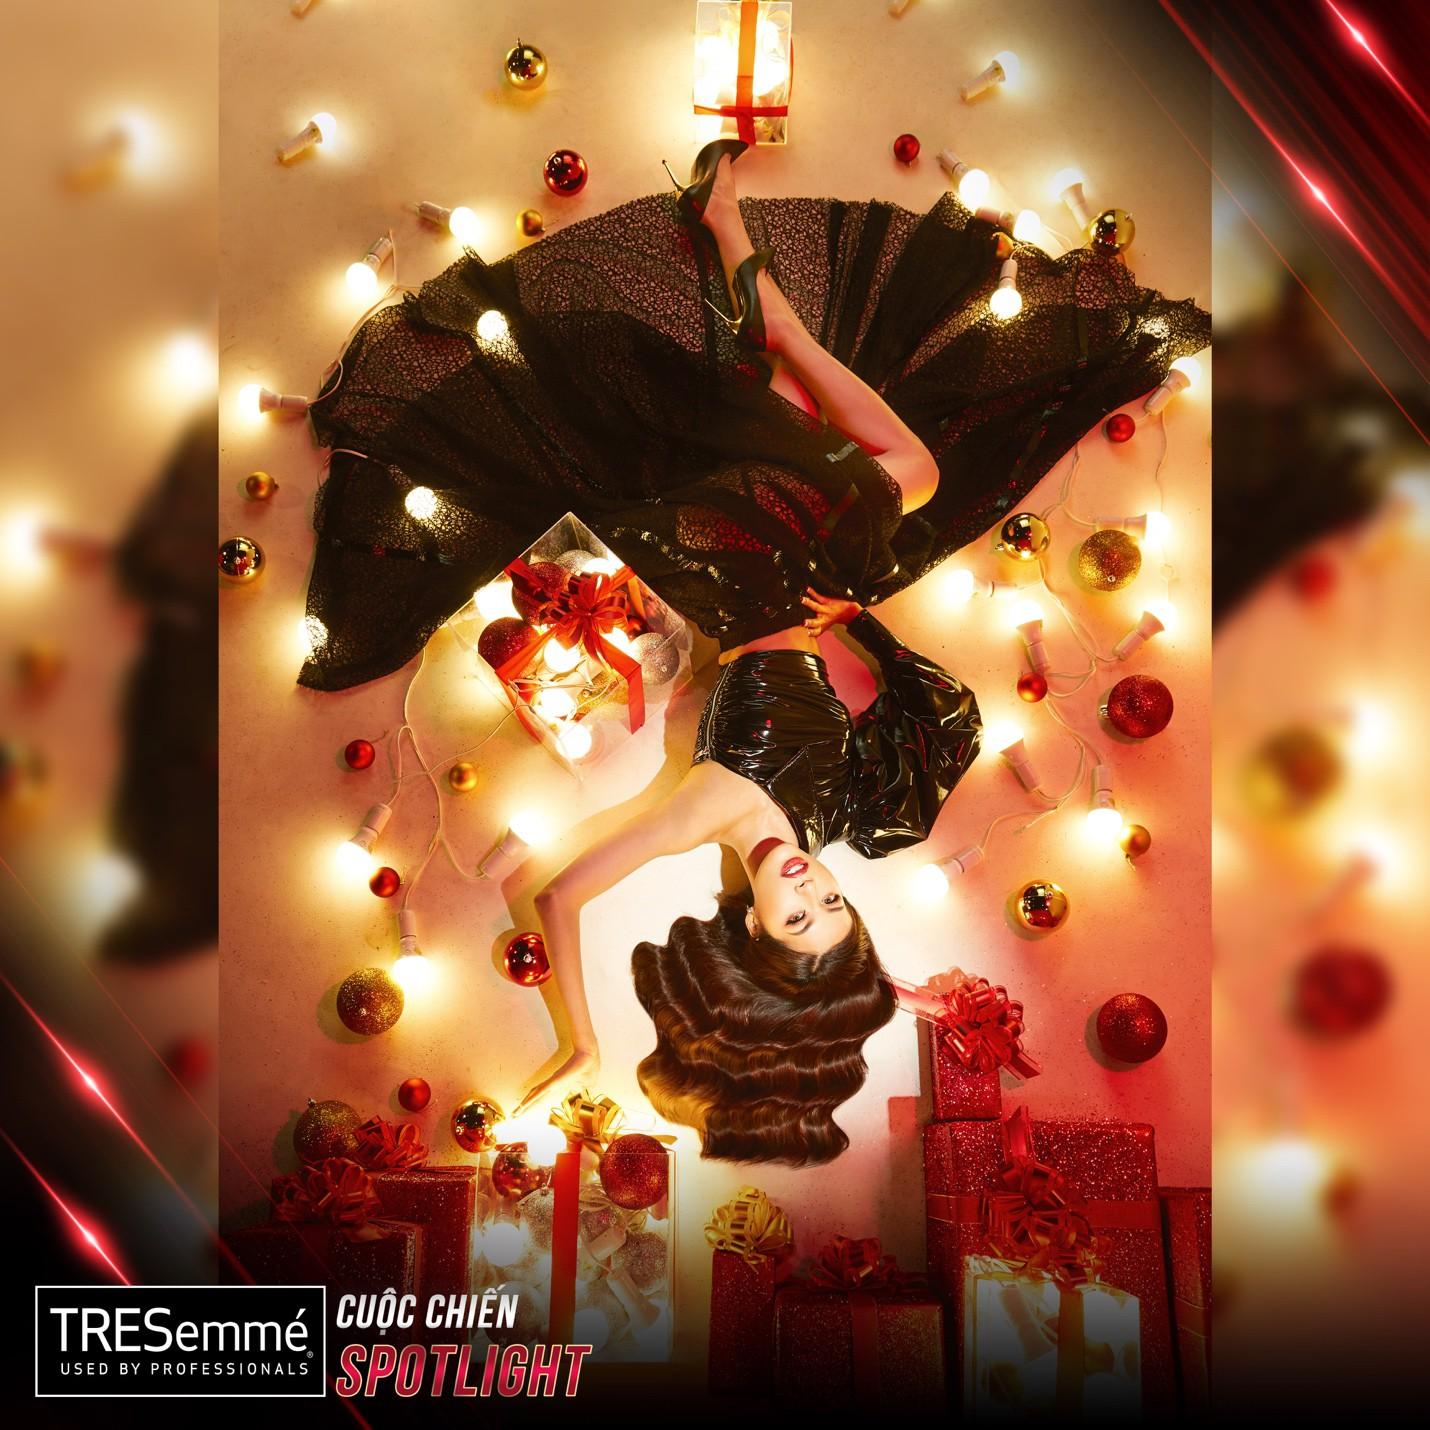 """Ngắm Minh Tú cùng dàn thí sinh """"Cuộc chiến Spotlight"""" đẹp lung linh trong bộ ảnh Giáng sinh! - Ảnh 15."""